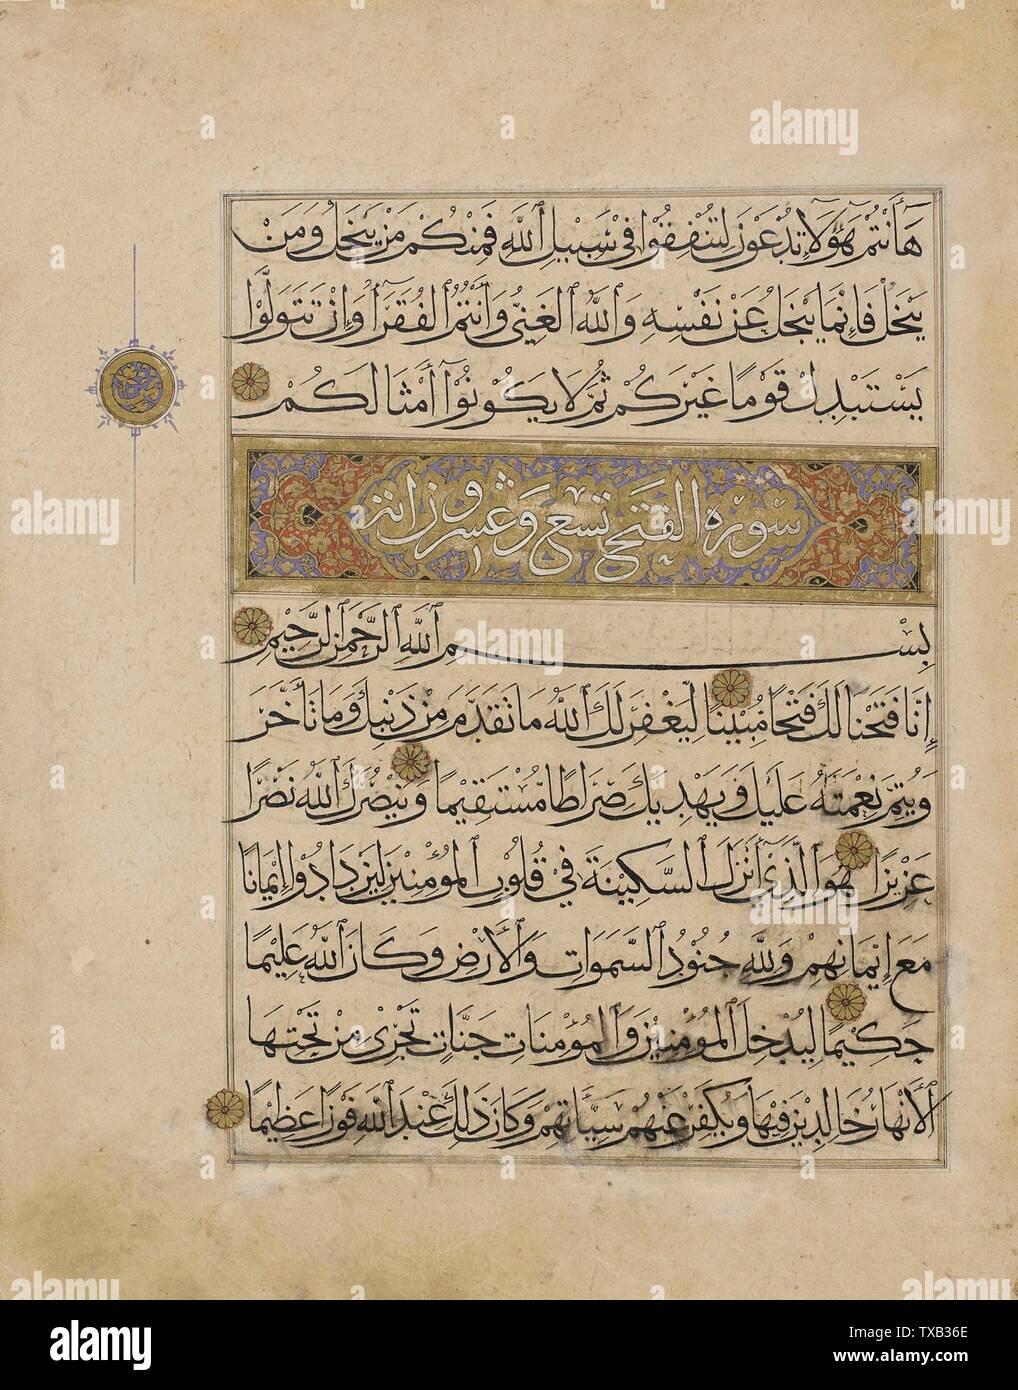 'Page d'un manuscrit du Qur'an (47:38-48:5); Anglais: l'Egypte, 14e siècle, manuscrits papier, encre, aquarelle, opaque et or Folio, total: 16 x 12 5/8 in. (40,64 x 32,07 cm); bloc de texte: 12 x 8 3/4 in. (30,48 x 22,23 cm) La Collection d'Art Islamique de Madina, don de Camilla Chandler Frost (M.2002.1.354); l'Art Islamique date du 14ème siècle:P QS571,+1350-00-00T00:00:00Z/7; ' Photo Stock